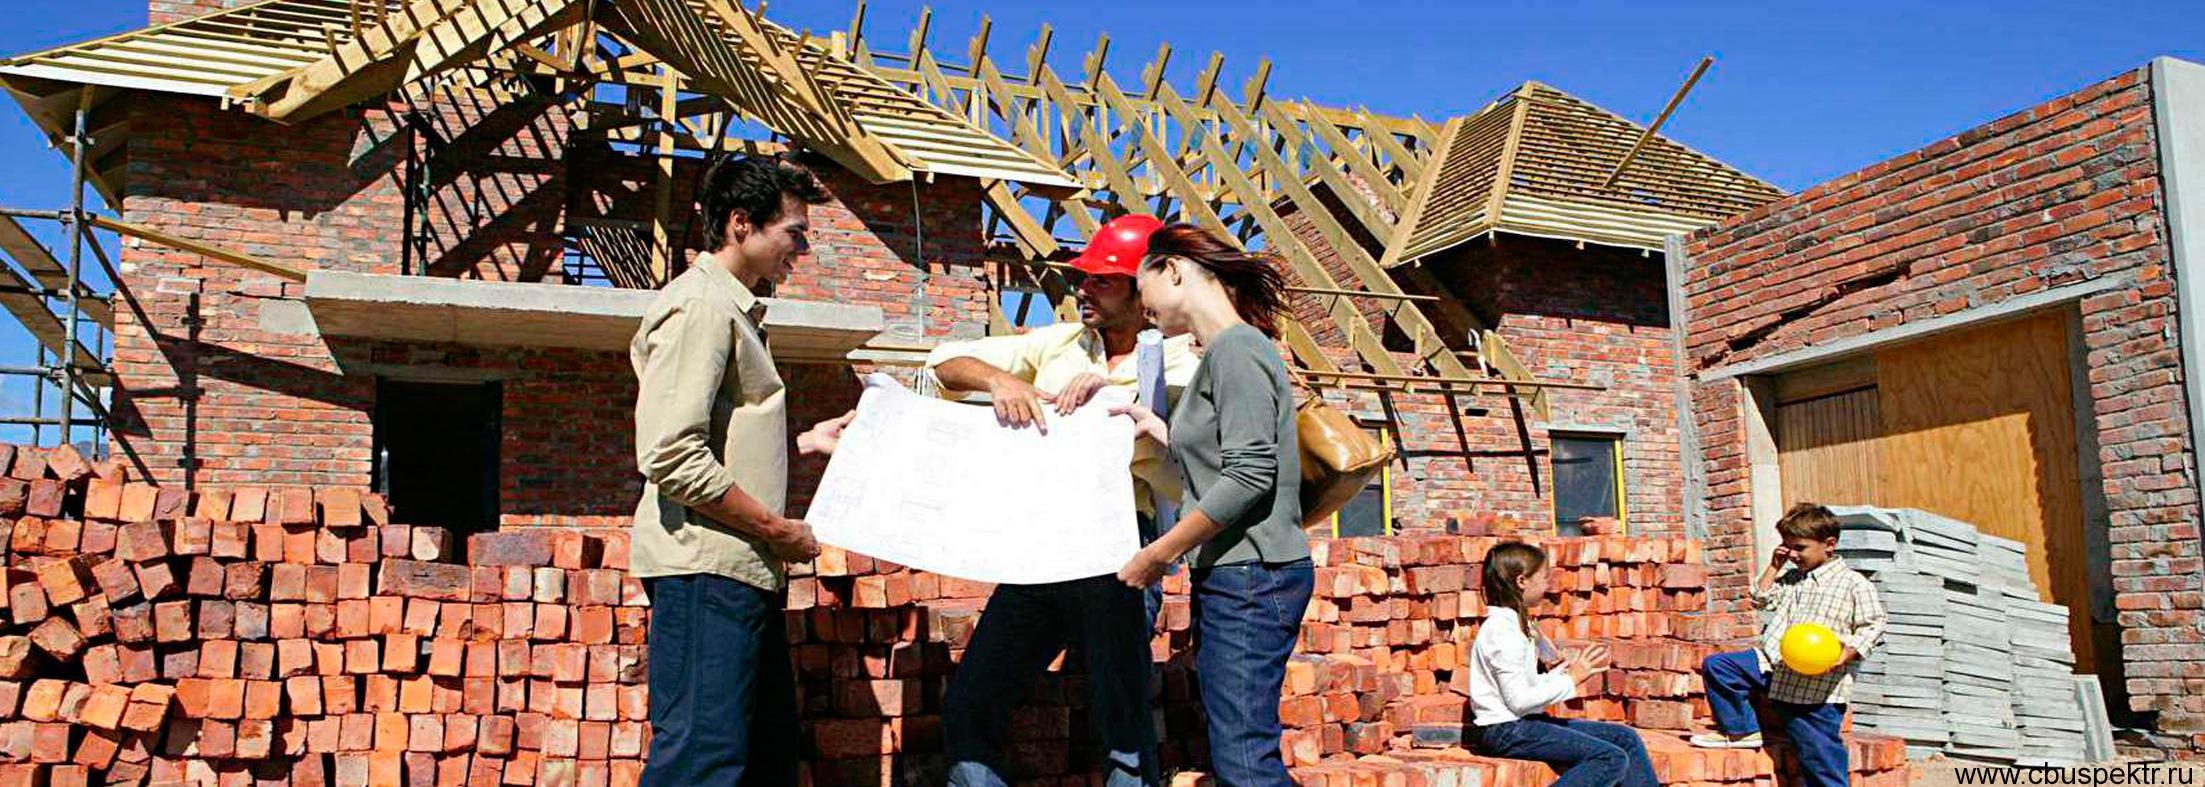 Семья вместе строит себе дом